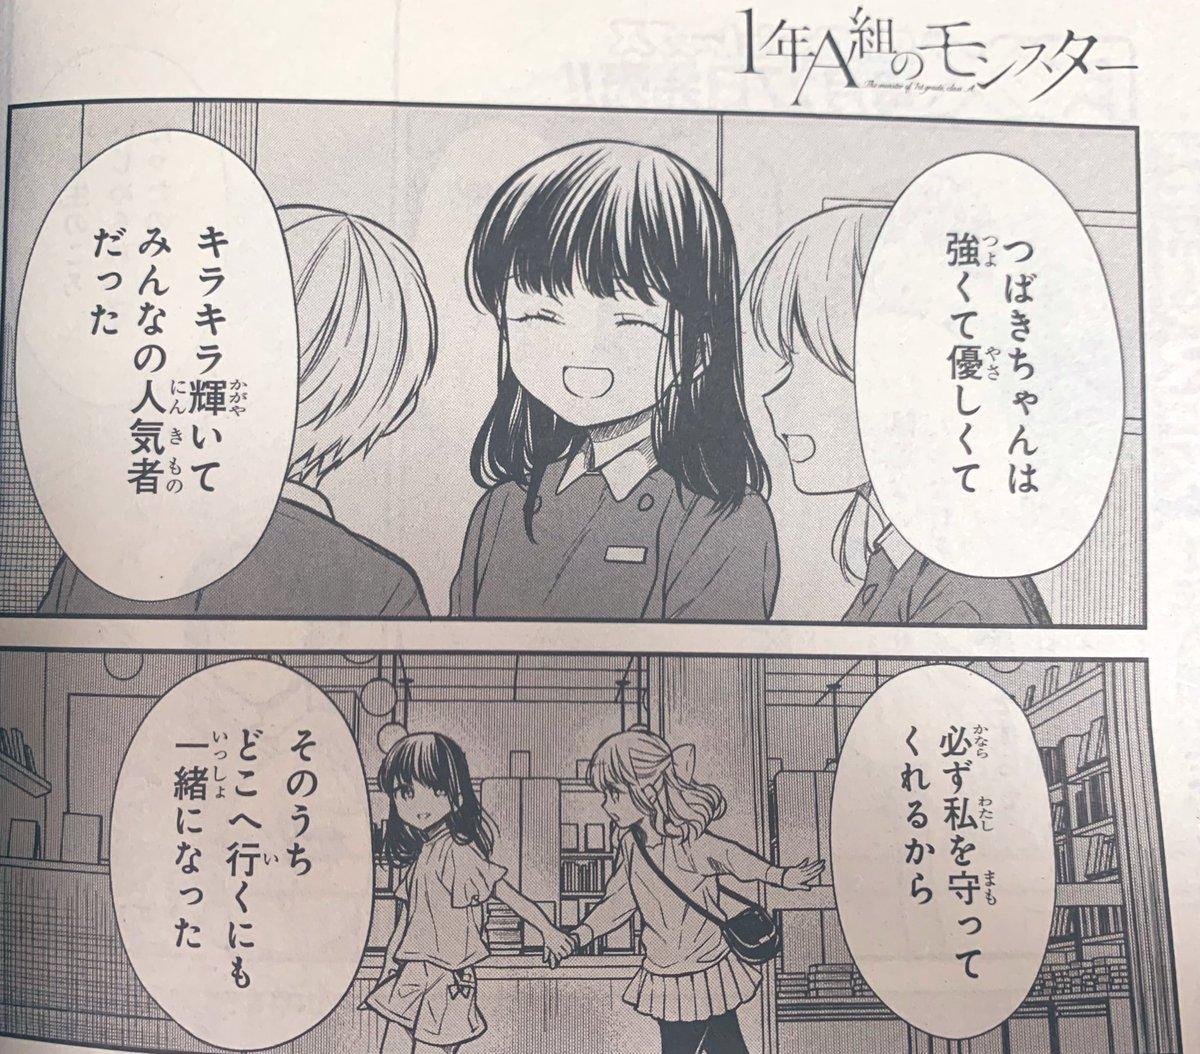 の ネタバレ 5 a 巻 年 1 モンスター 組